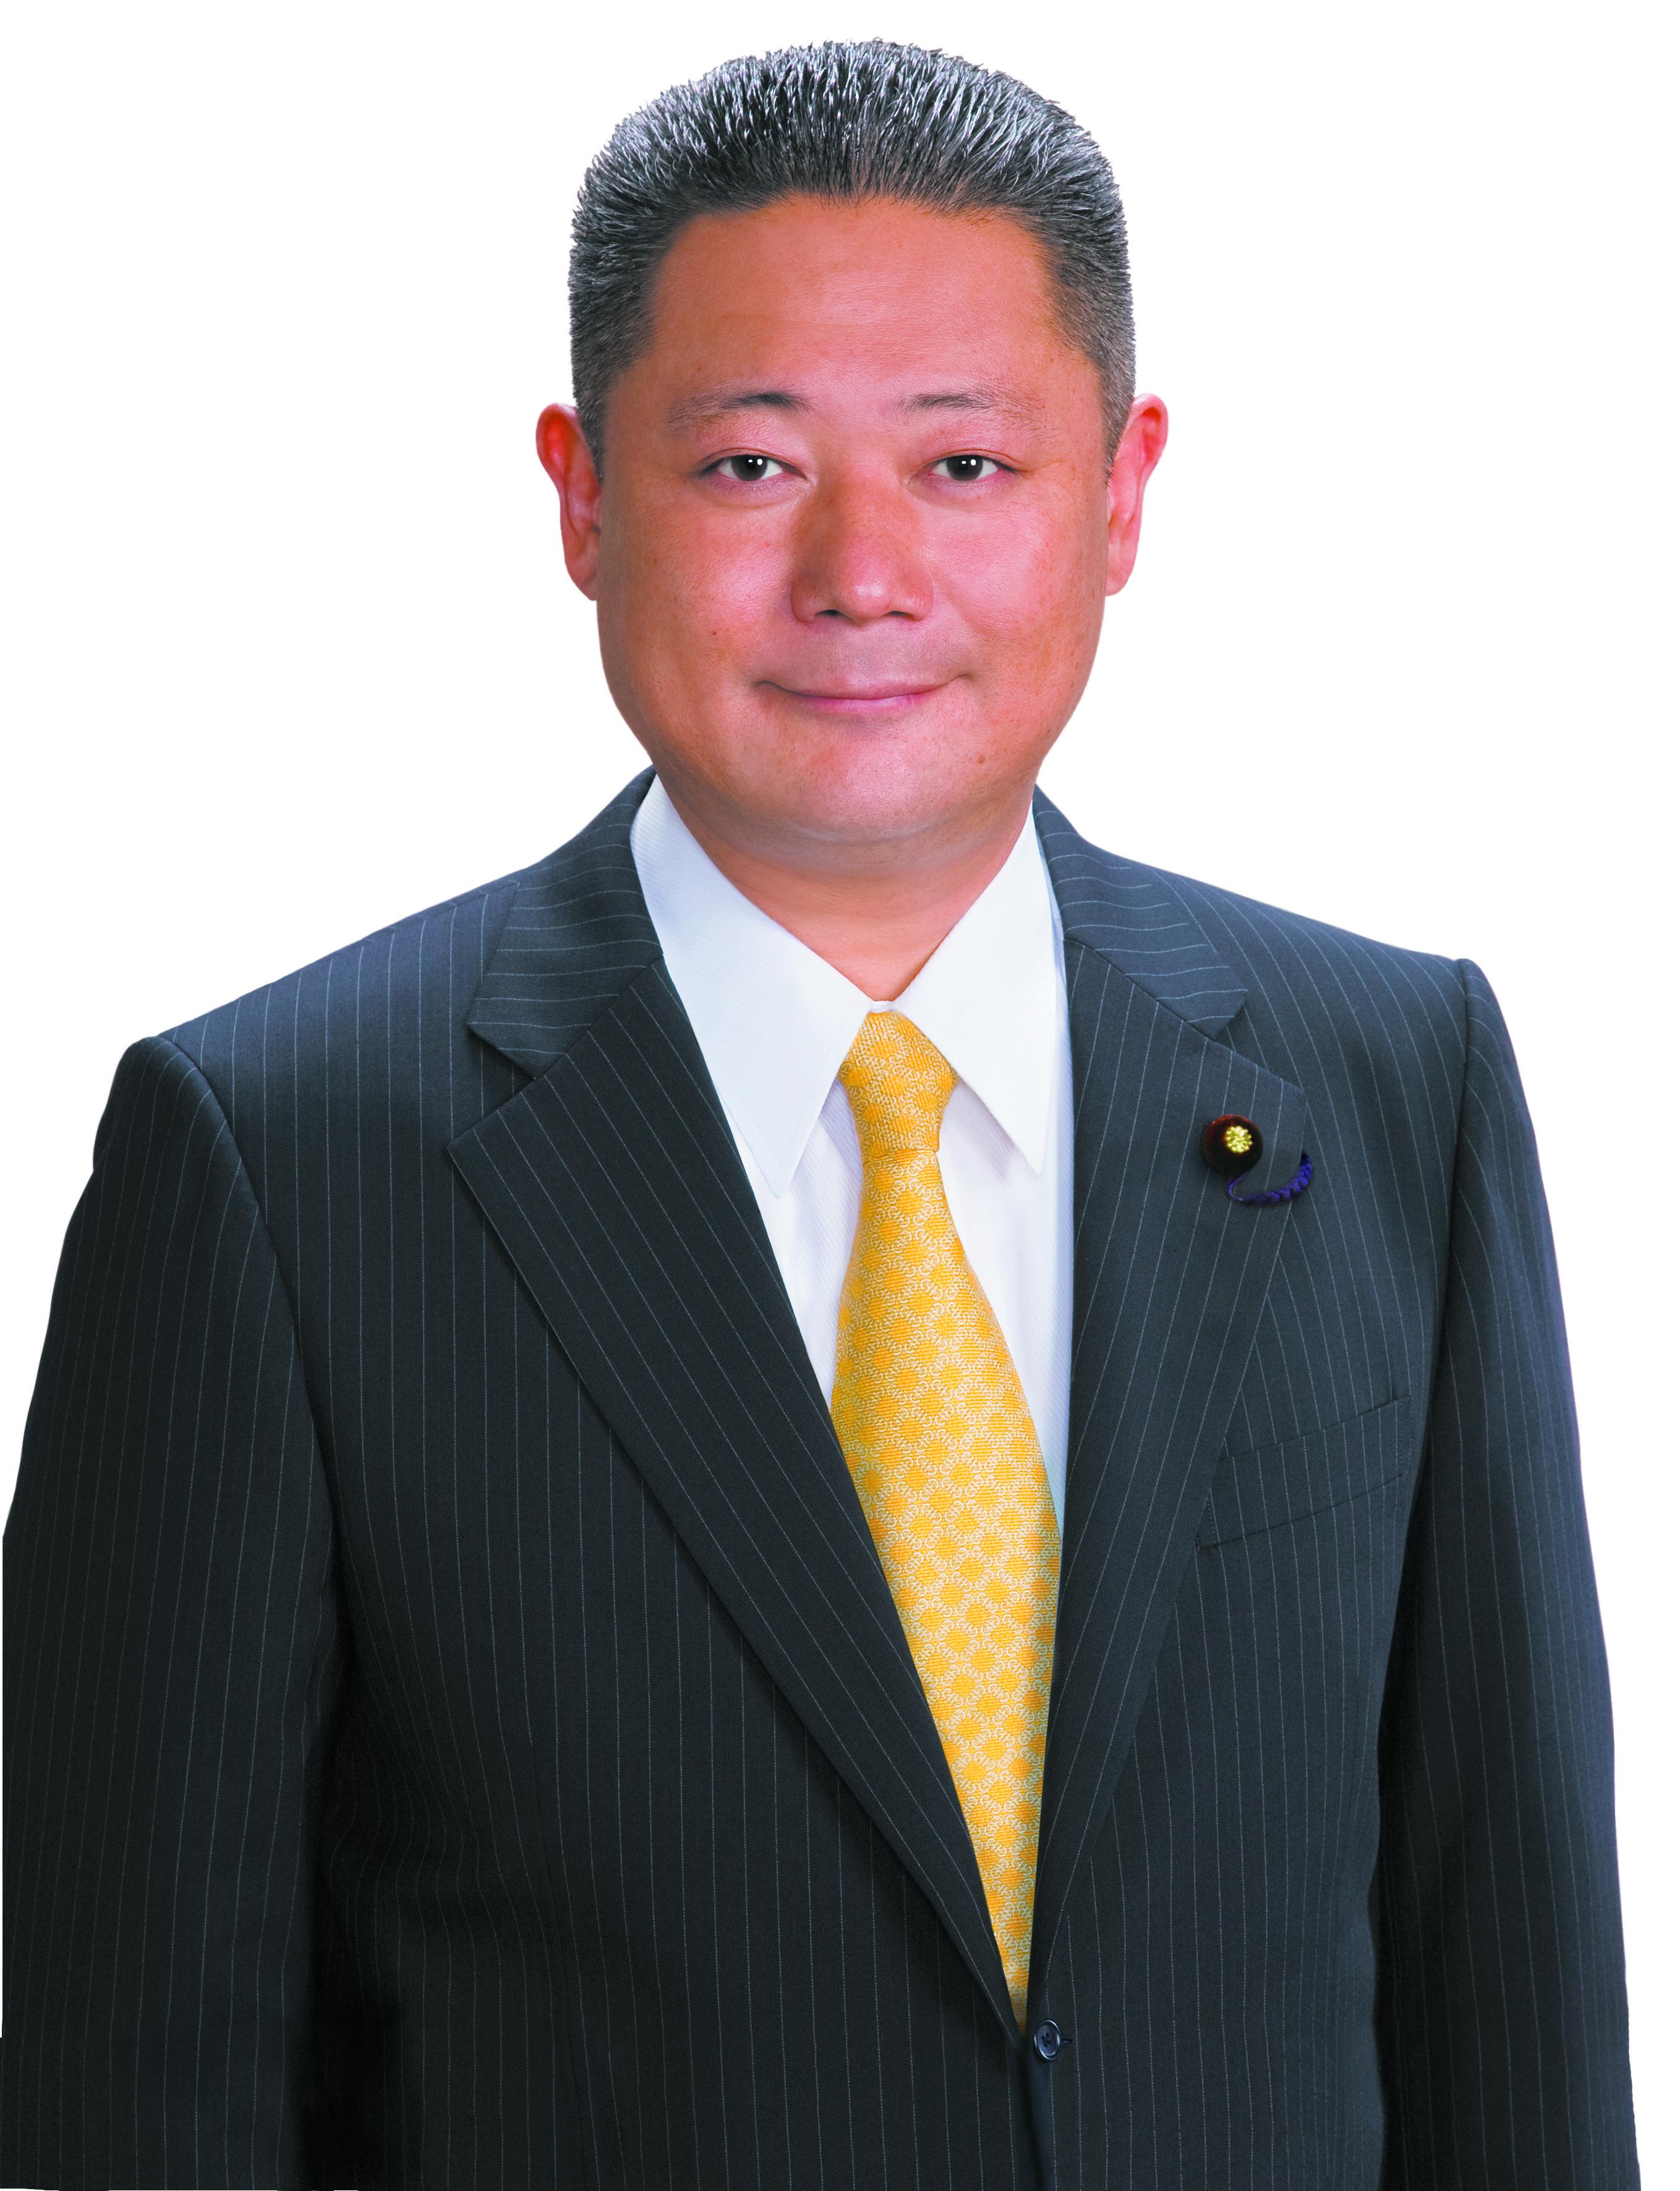 読売テレビ「かんさい情報ネットten.」馬場伸幸幹事長 生出演のお知らせ